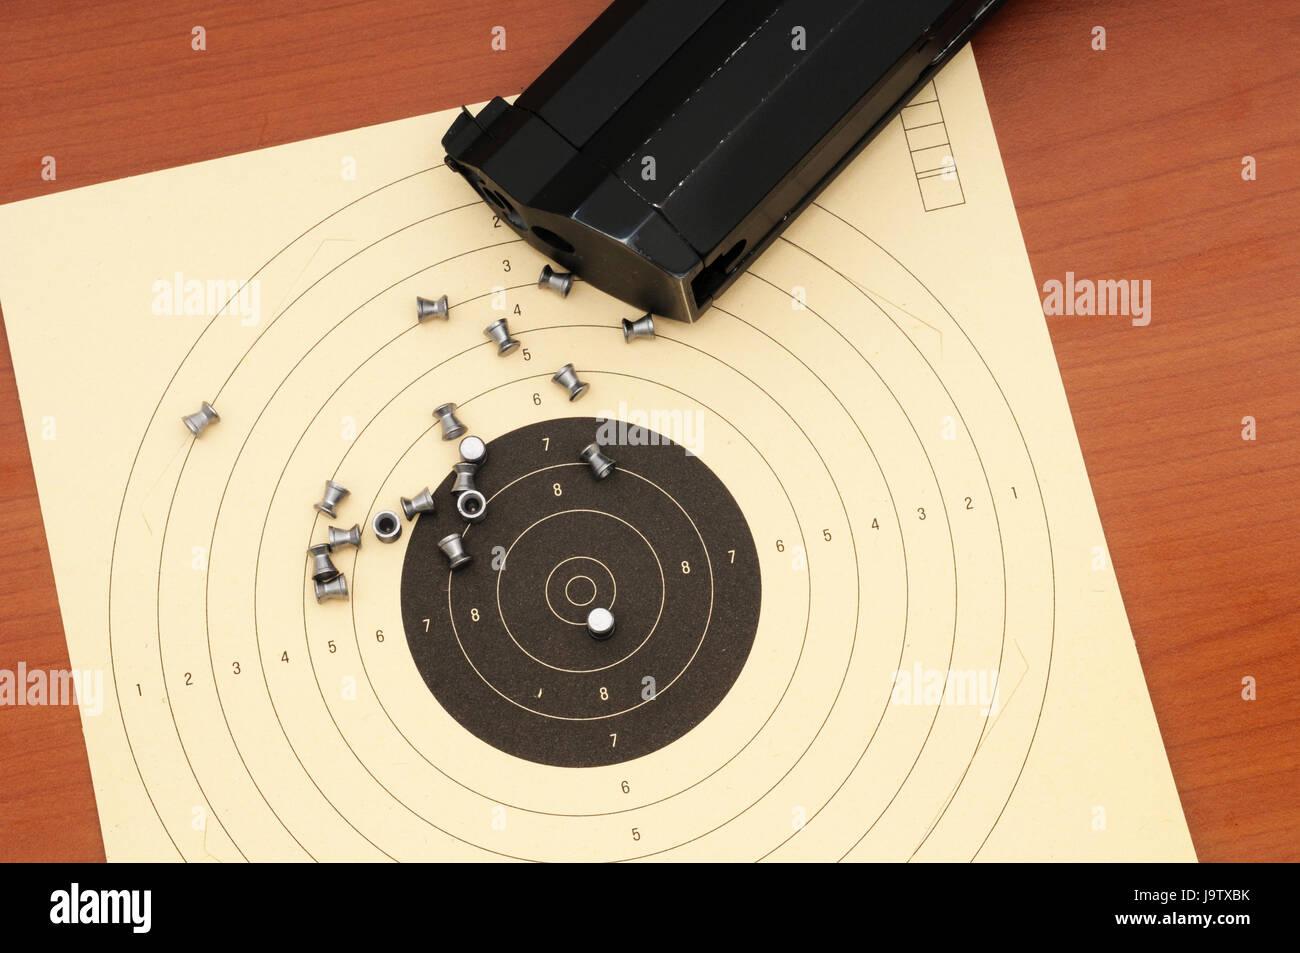 sagittarius, rifle, arm, weapon, pistol, ammunition, aim